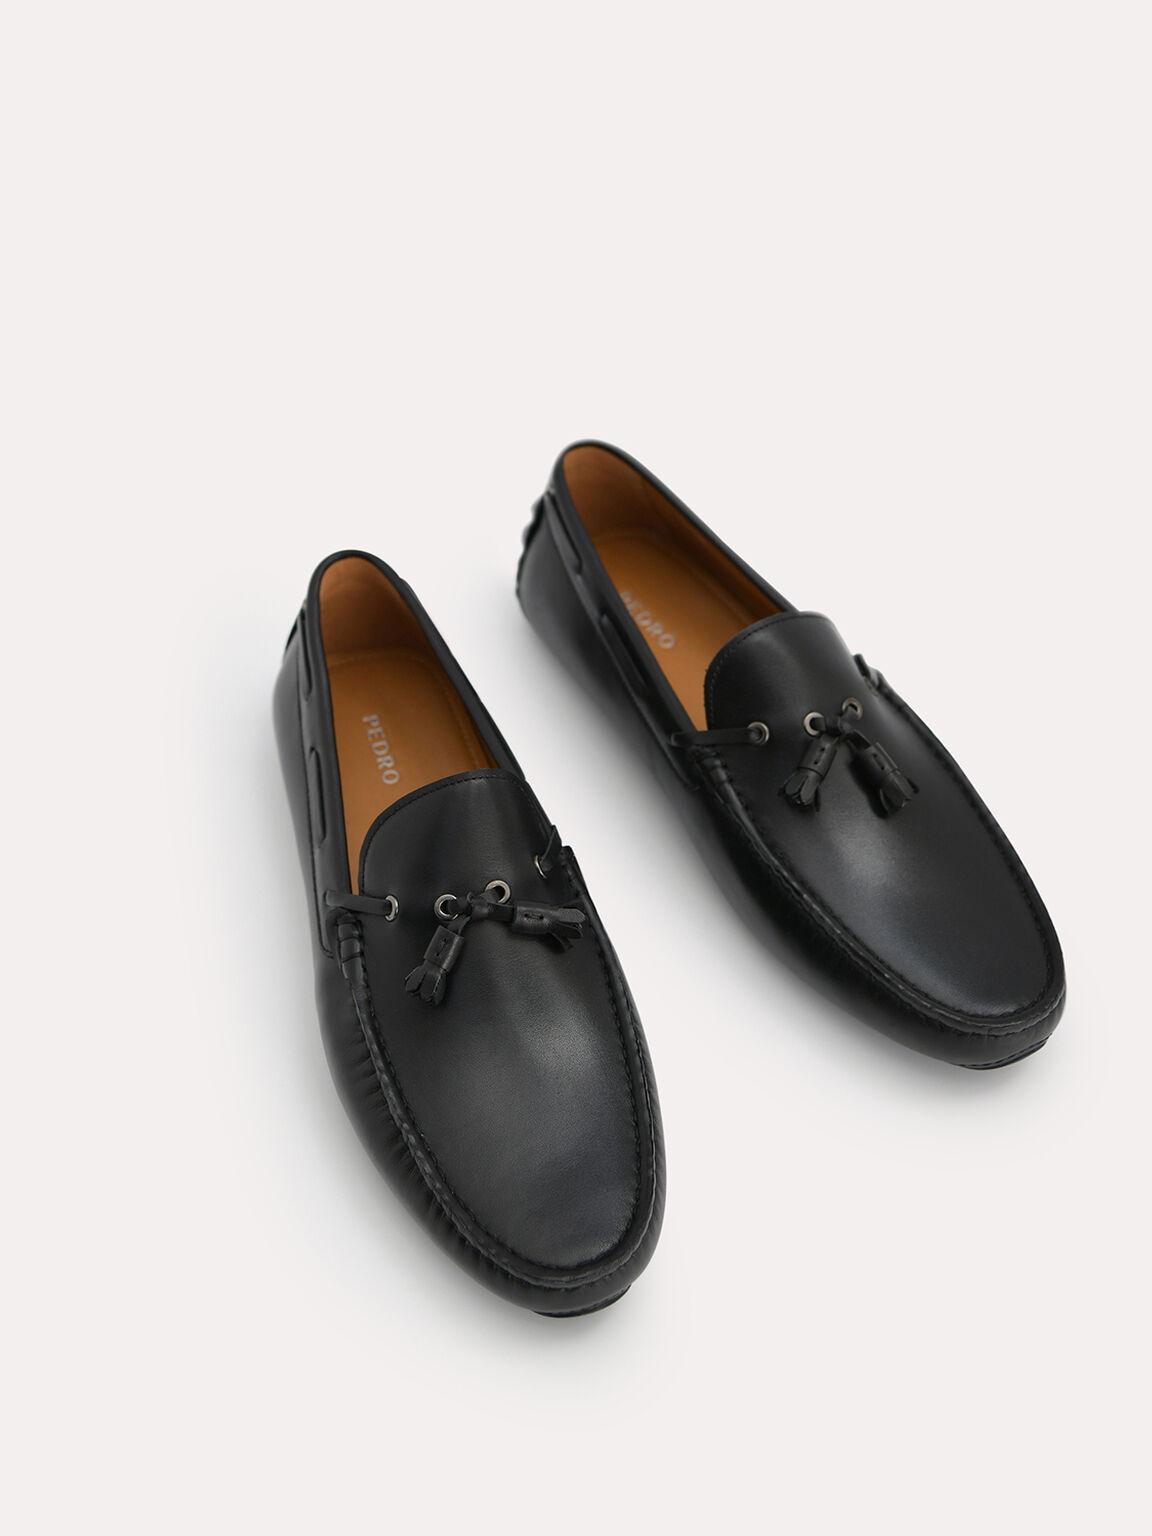 Tasselled Leather Moccasins, Black, hi-res